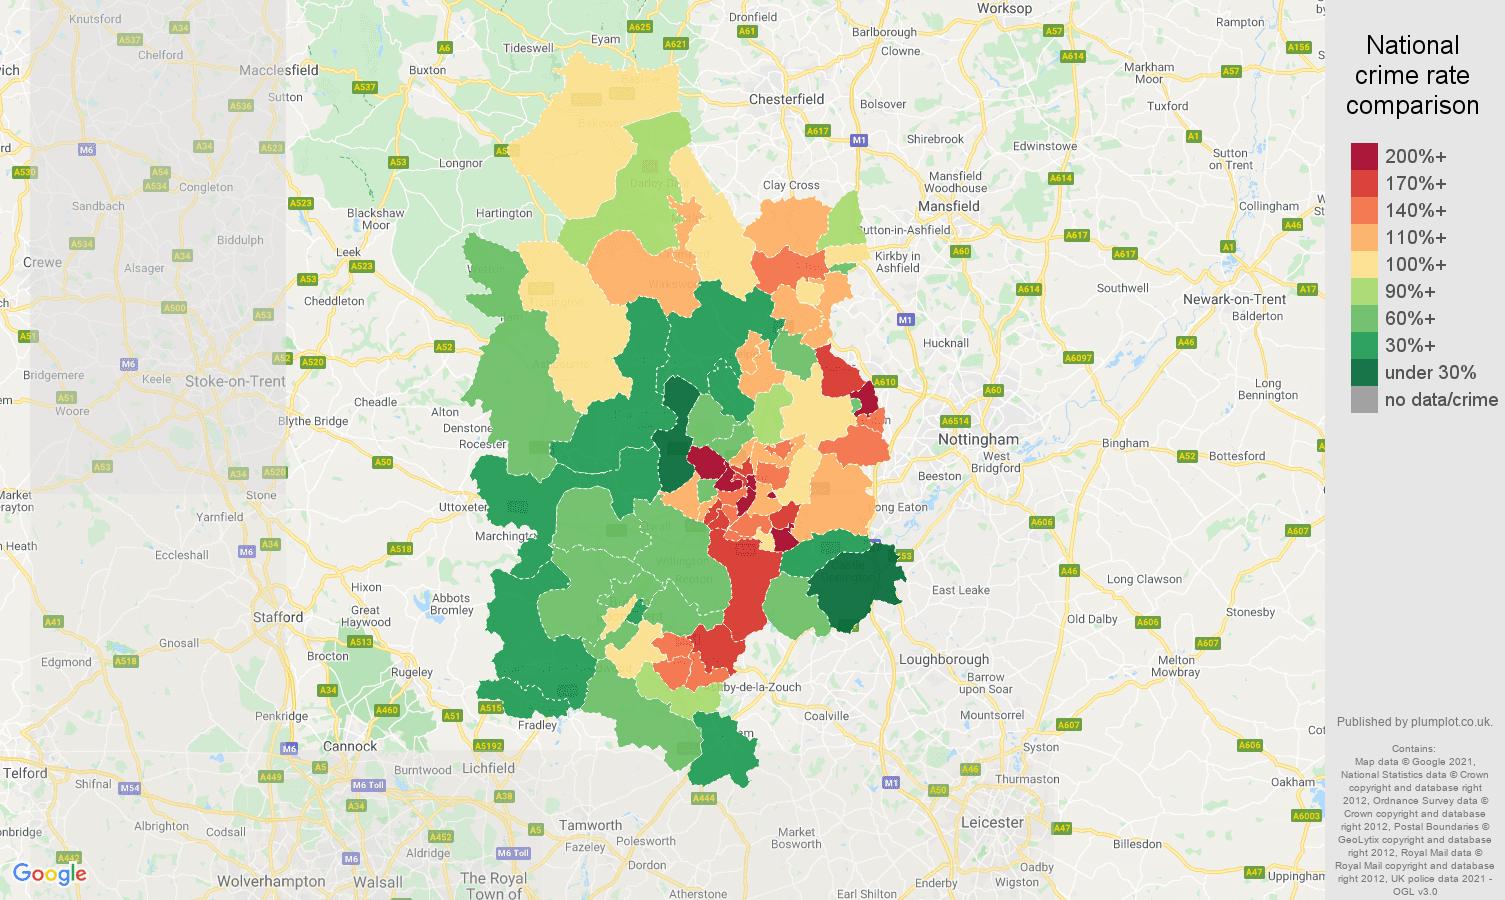 Derby antisocial behaviour crime rate comparison map